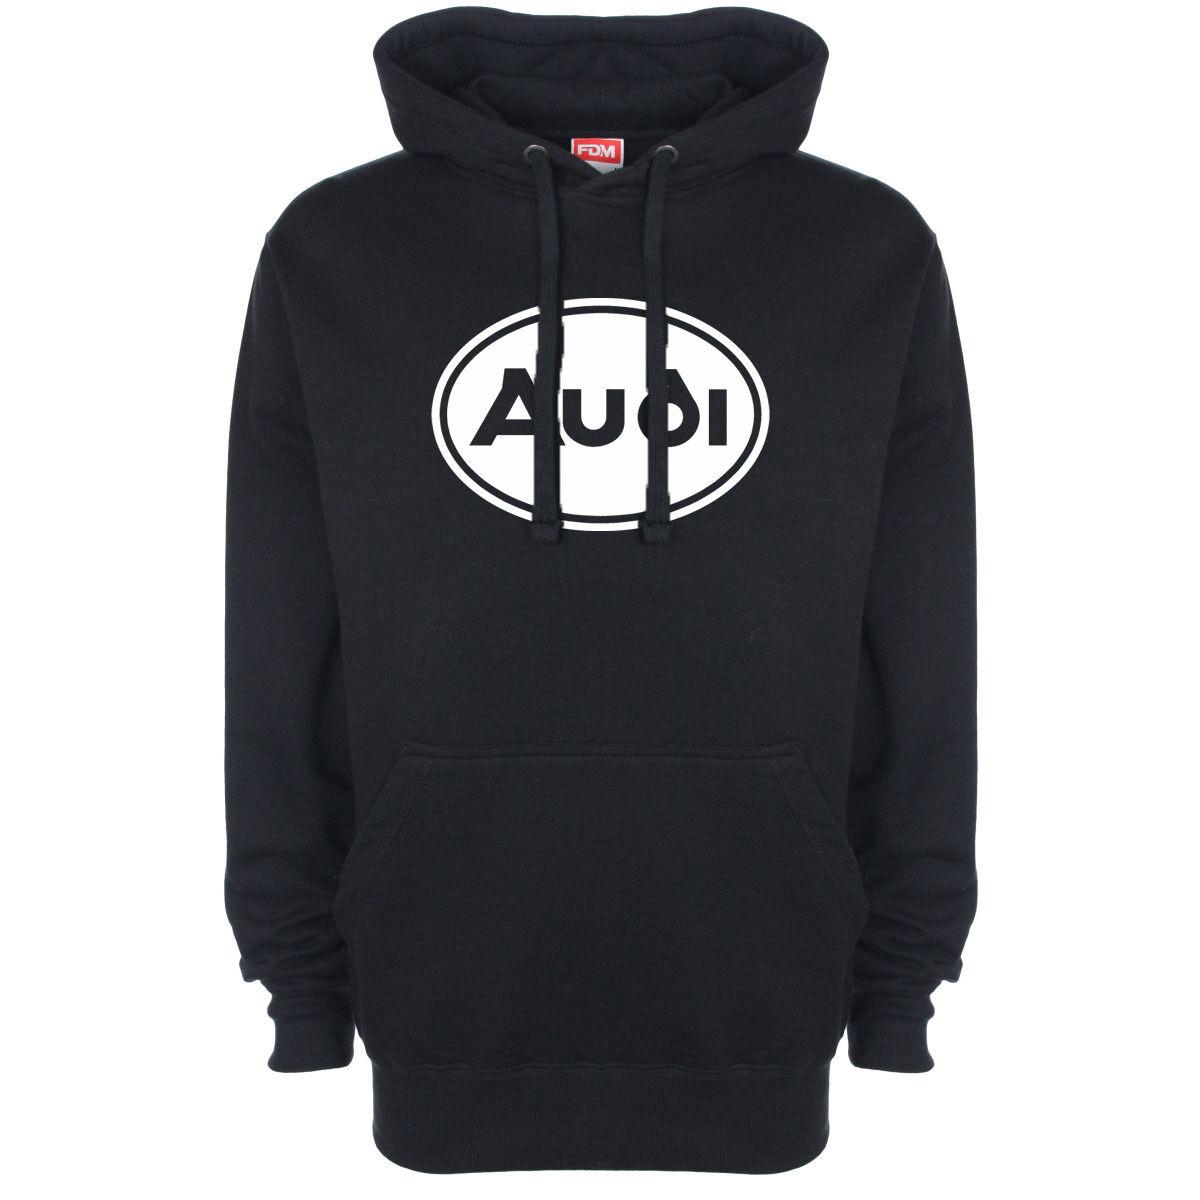 Audi Logo Hoody Hoodie Hooded Top